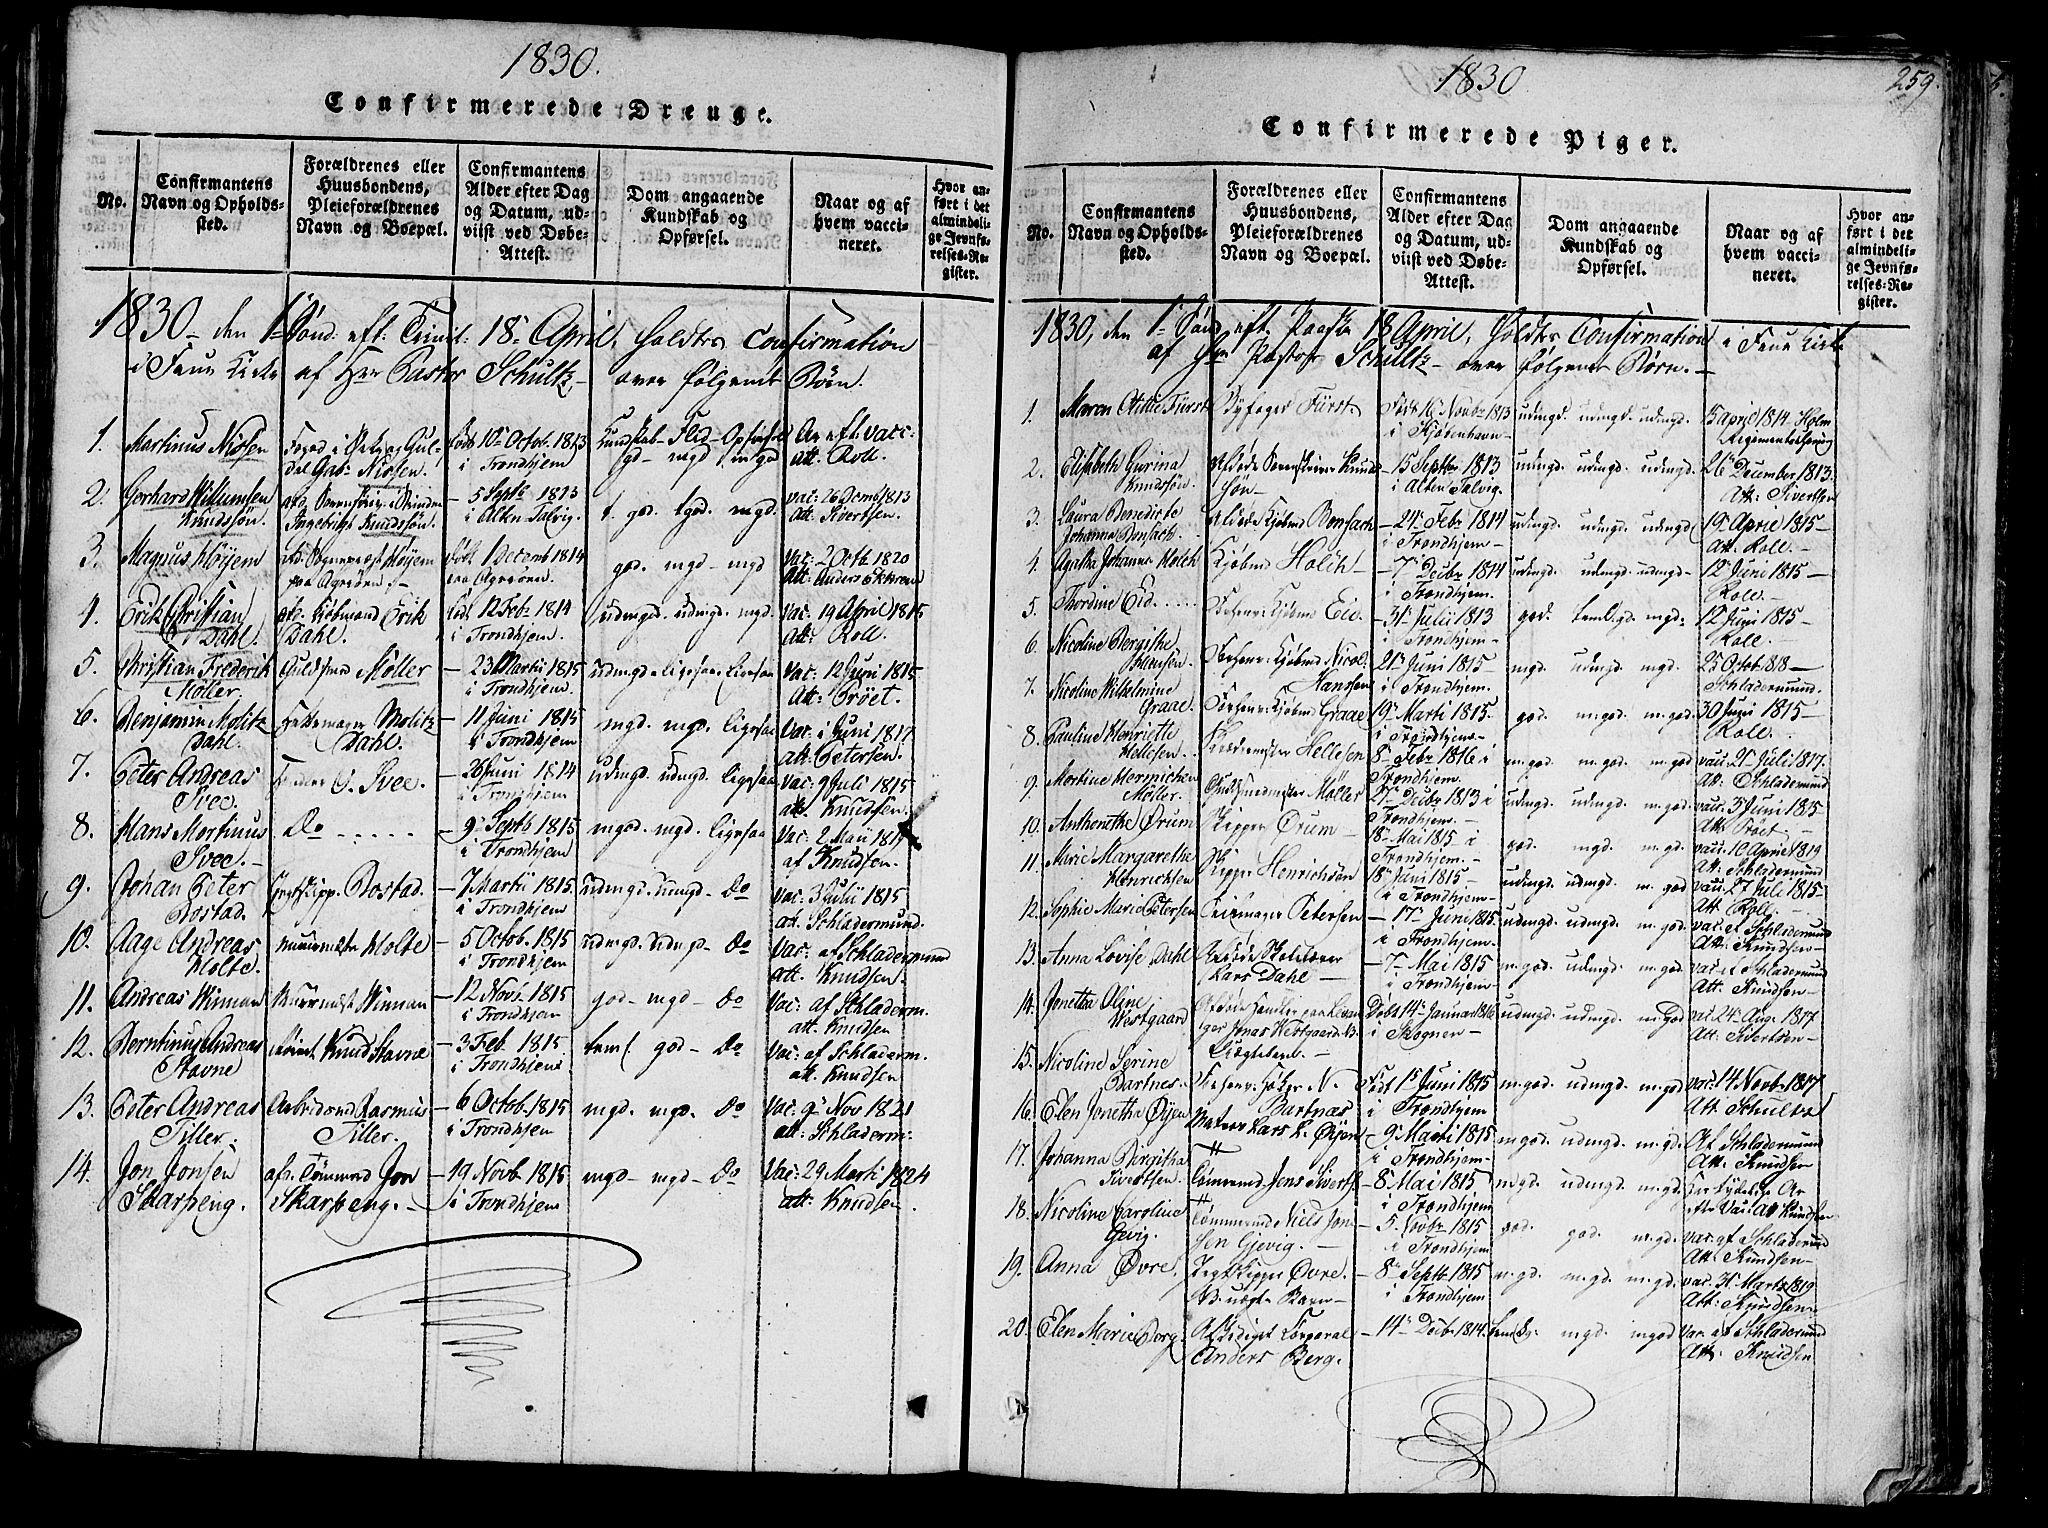 SAT, Ministerialprotokoller, klokkerbøker og fødselsregistre - Sør-Trøndelag, 602/L0135: Klokkerbok nr. 602C03, 1815-1832, s. 259